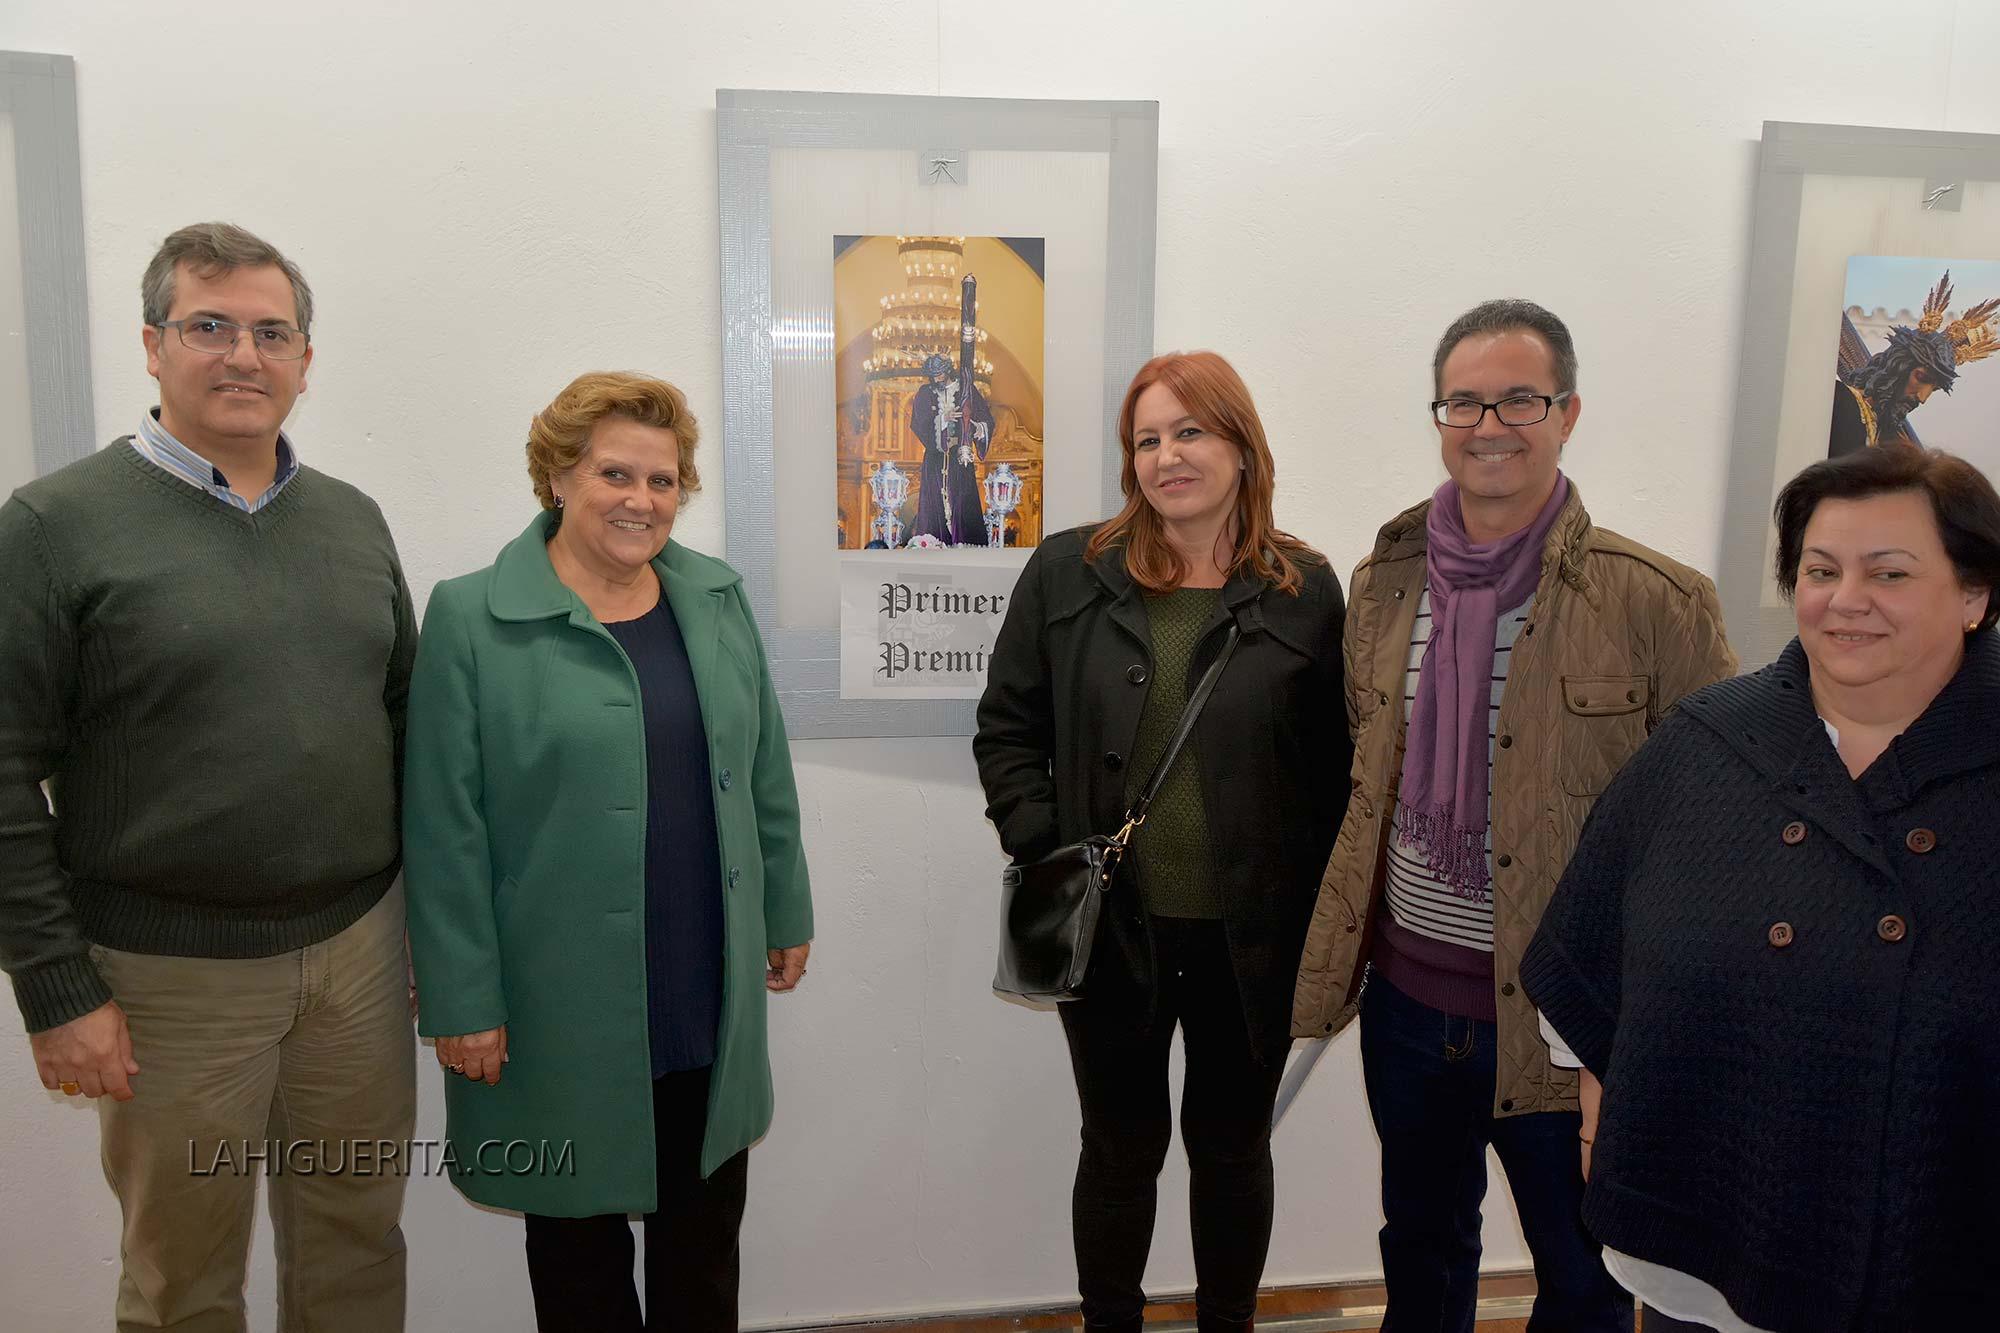 Ana Rodríguez gana el concurso fotográfico del